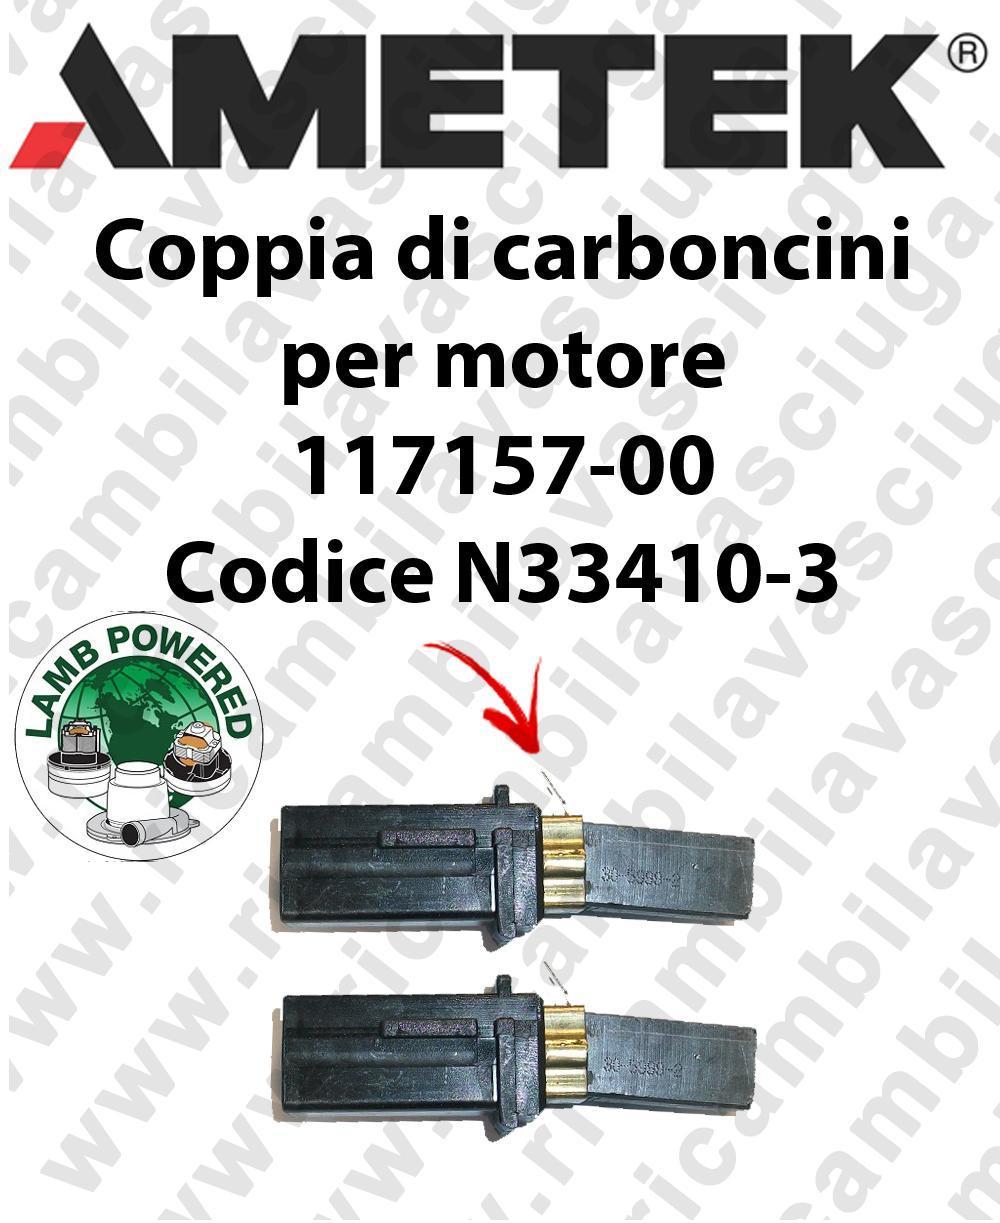 Couple du Carbon MOTEUR ASPIRATION pour MOTEUR LAMB AMETEK 117157-00 cod. N33410-3